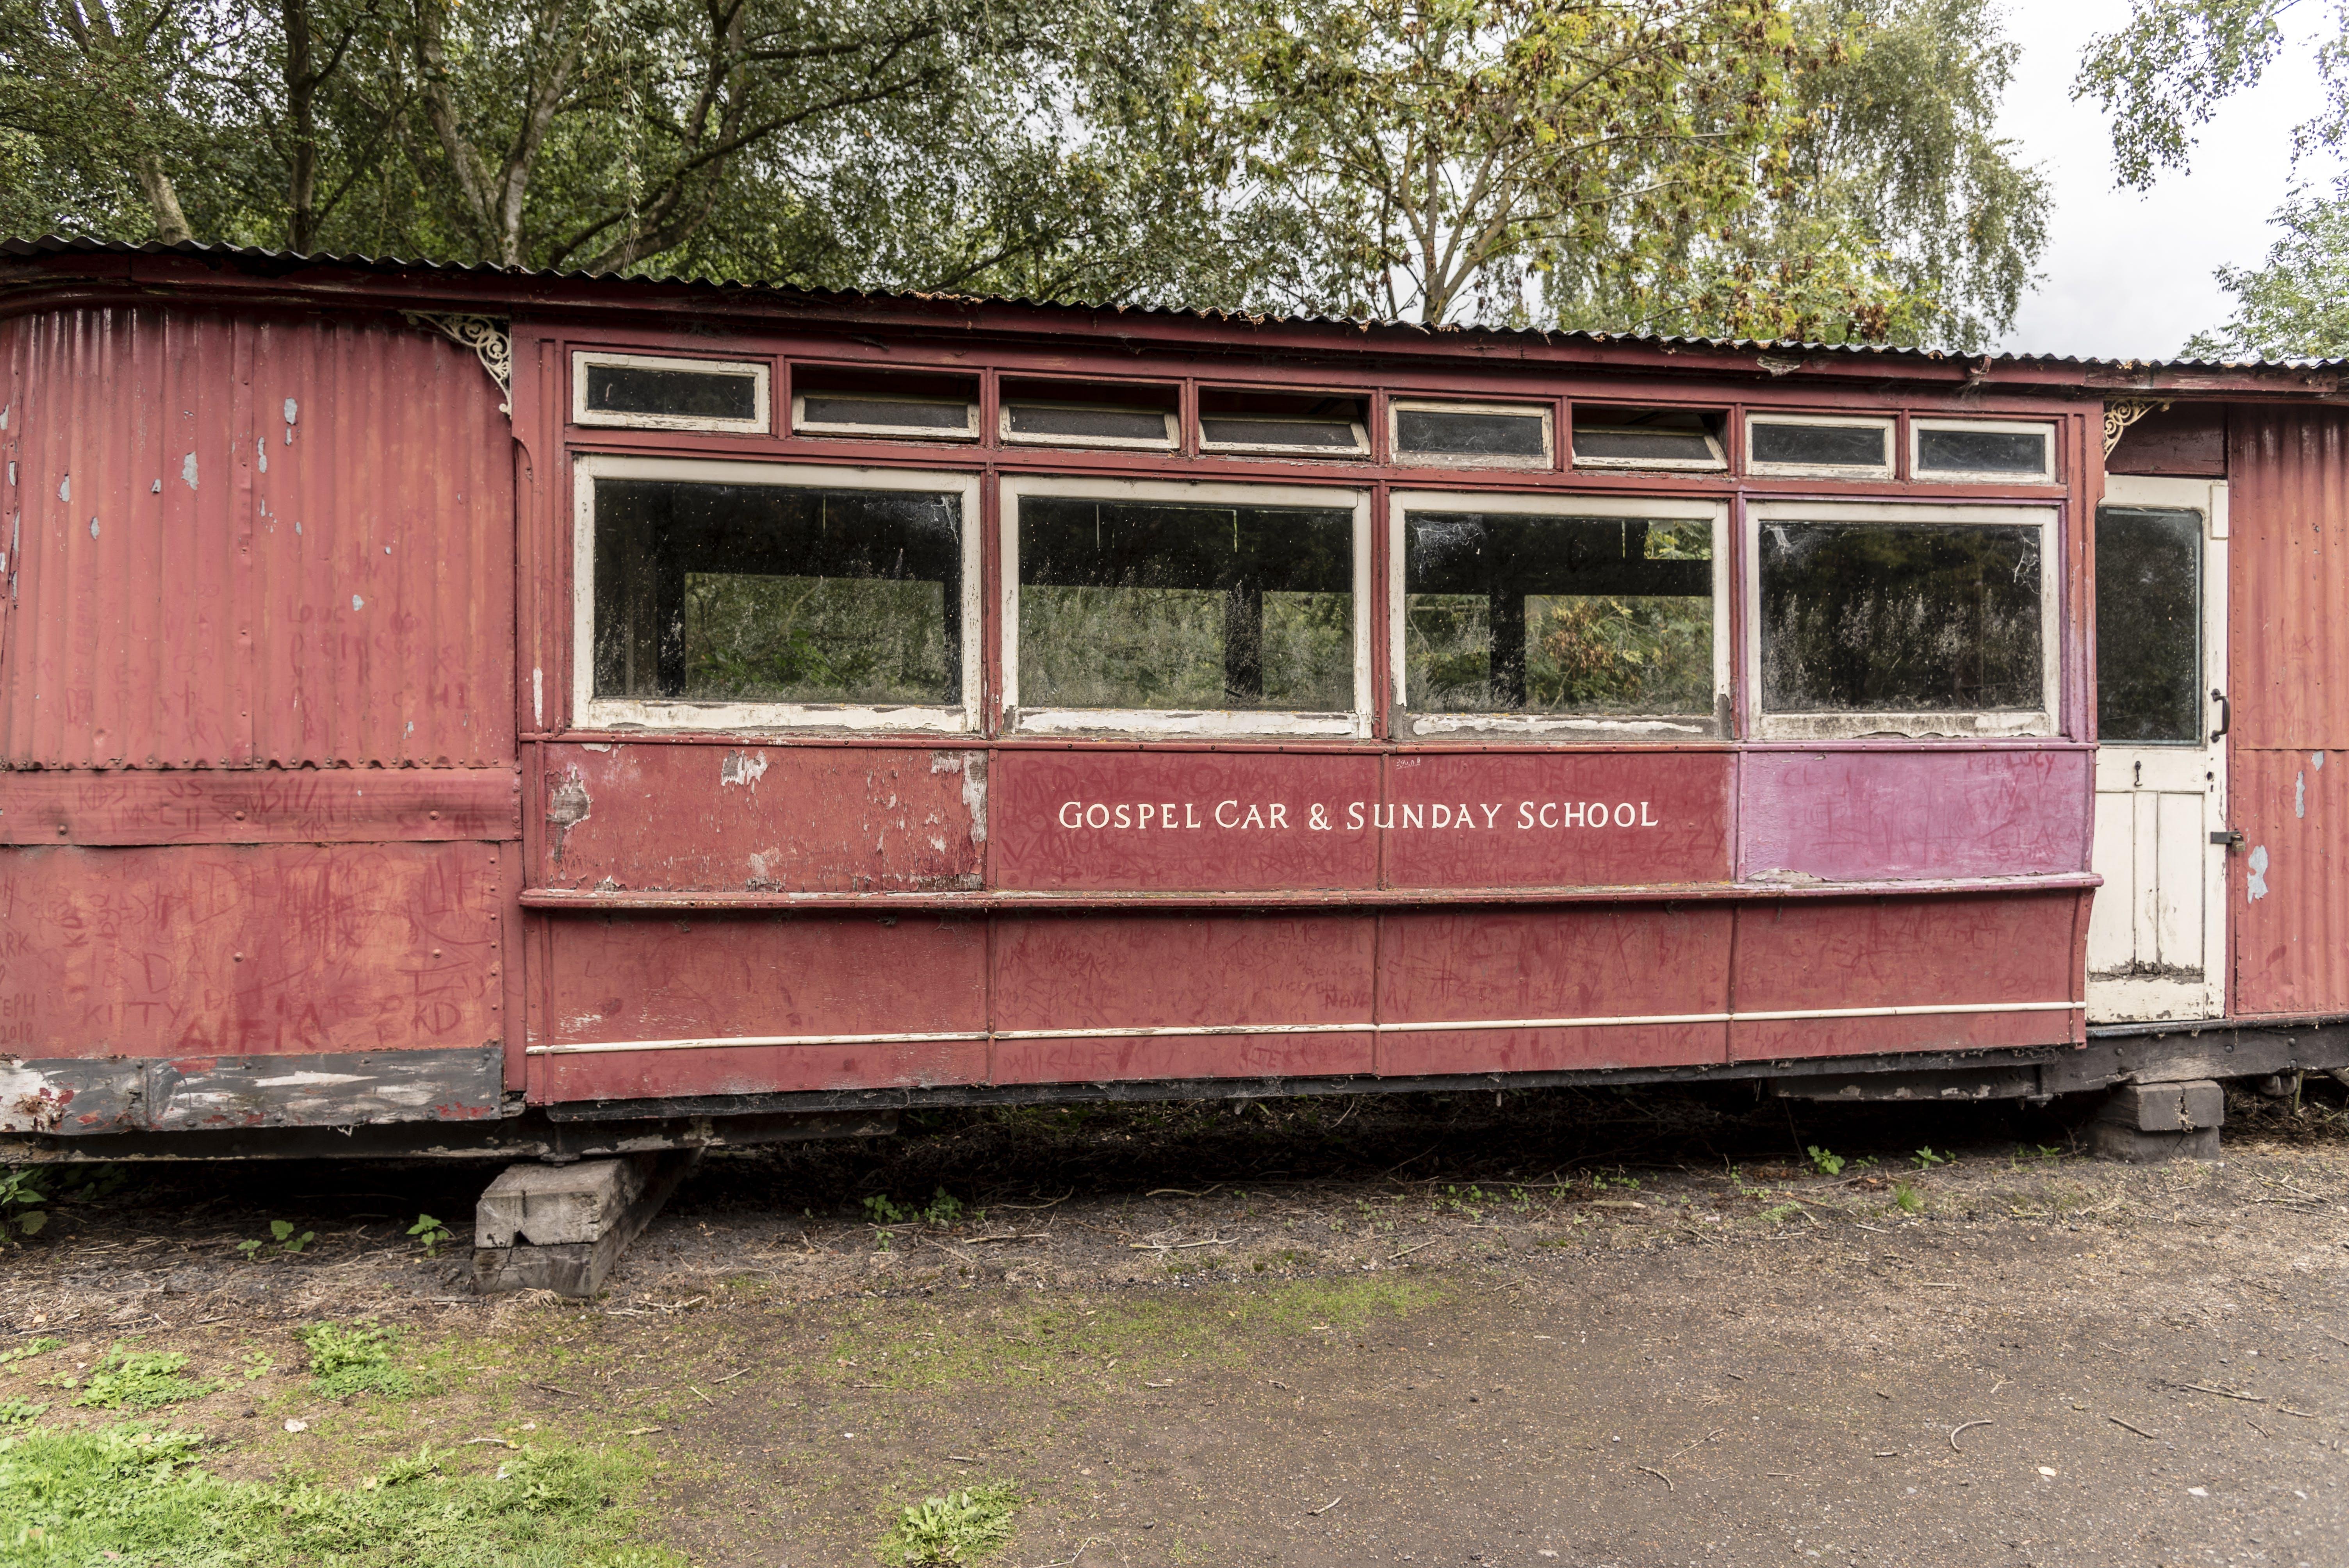 Δωρεάν στοκ φωτογραφιών με απορριφθείσα εγκατάσταση, εγκαταλειμμένο σιδηροδρομικό αυτοκίνητο, εγκαταλειμμένος, παλιό σιδηροδρομικό αυτοκίνητο